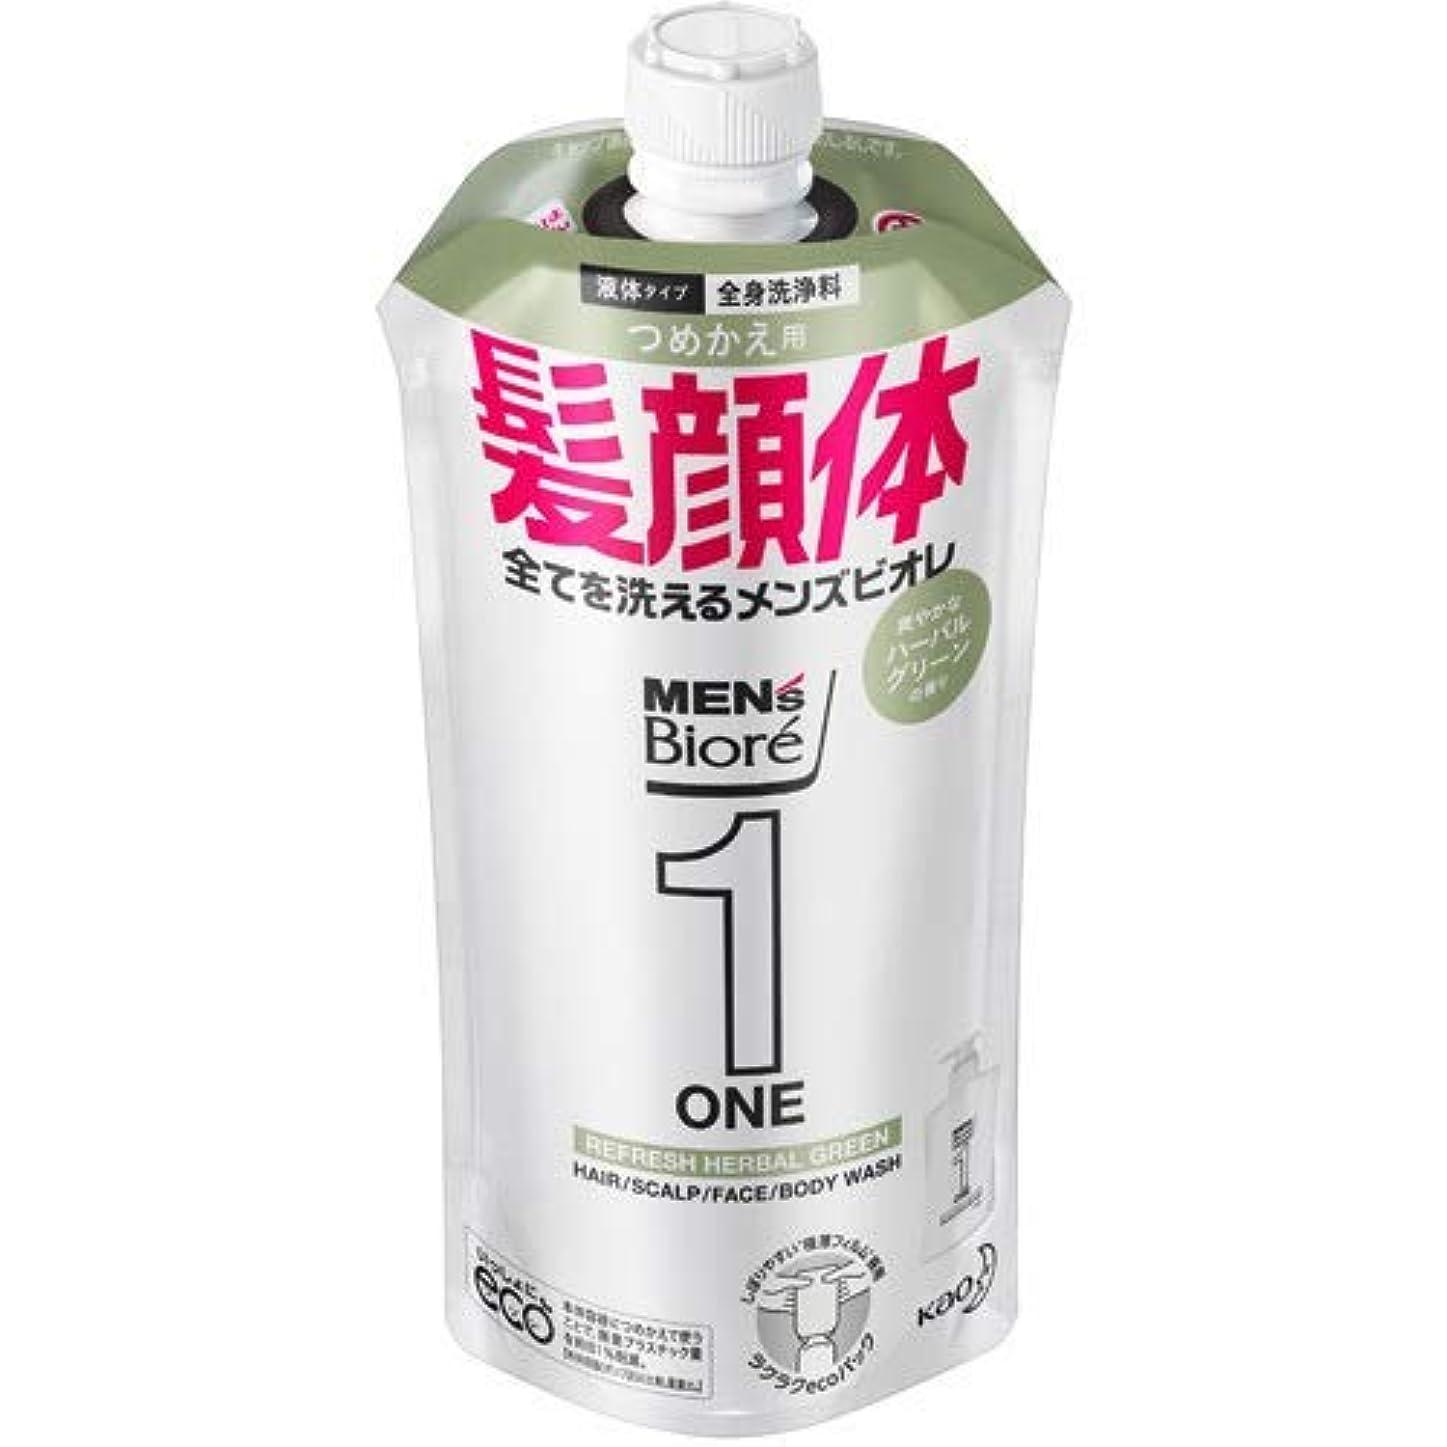 ふつうおなかがすいたモッキンバード【10個セット】メンズビオレONE オールインワン全身洗浄料 爽やかなハーブルグリーンの香り つめかえ用 340mL